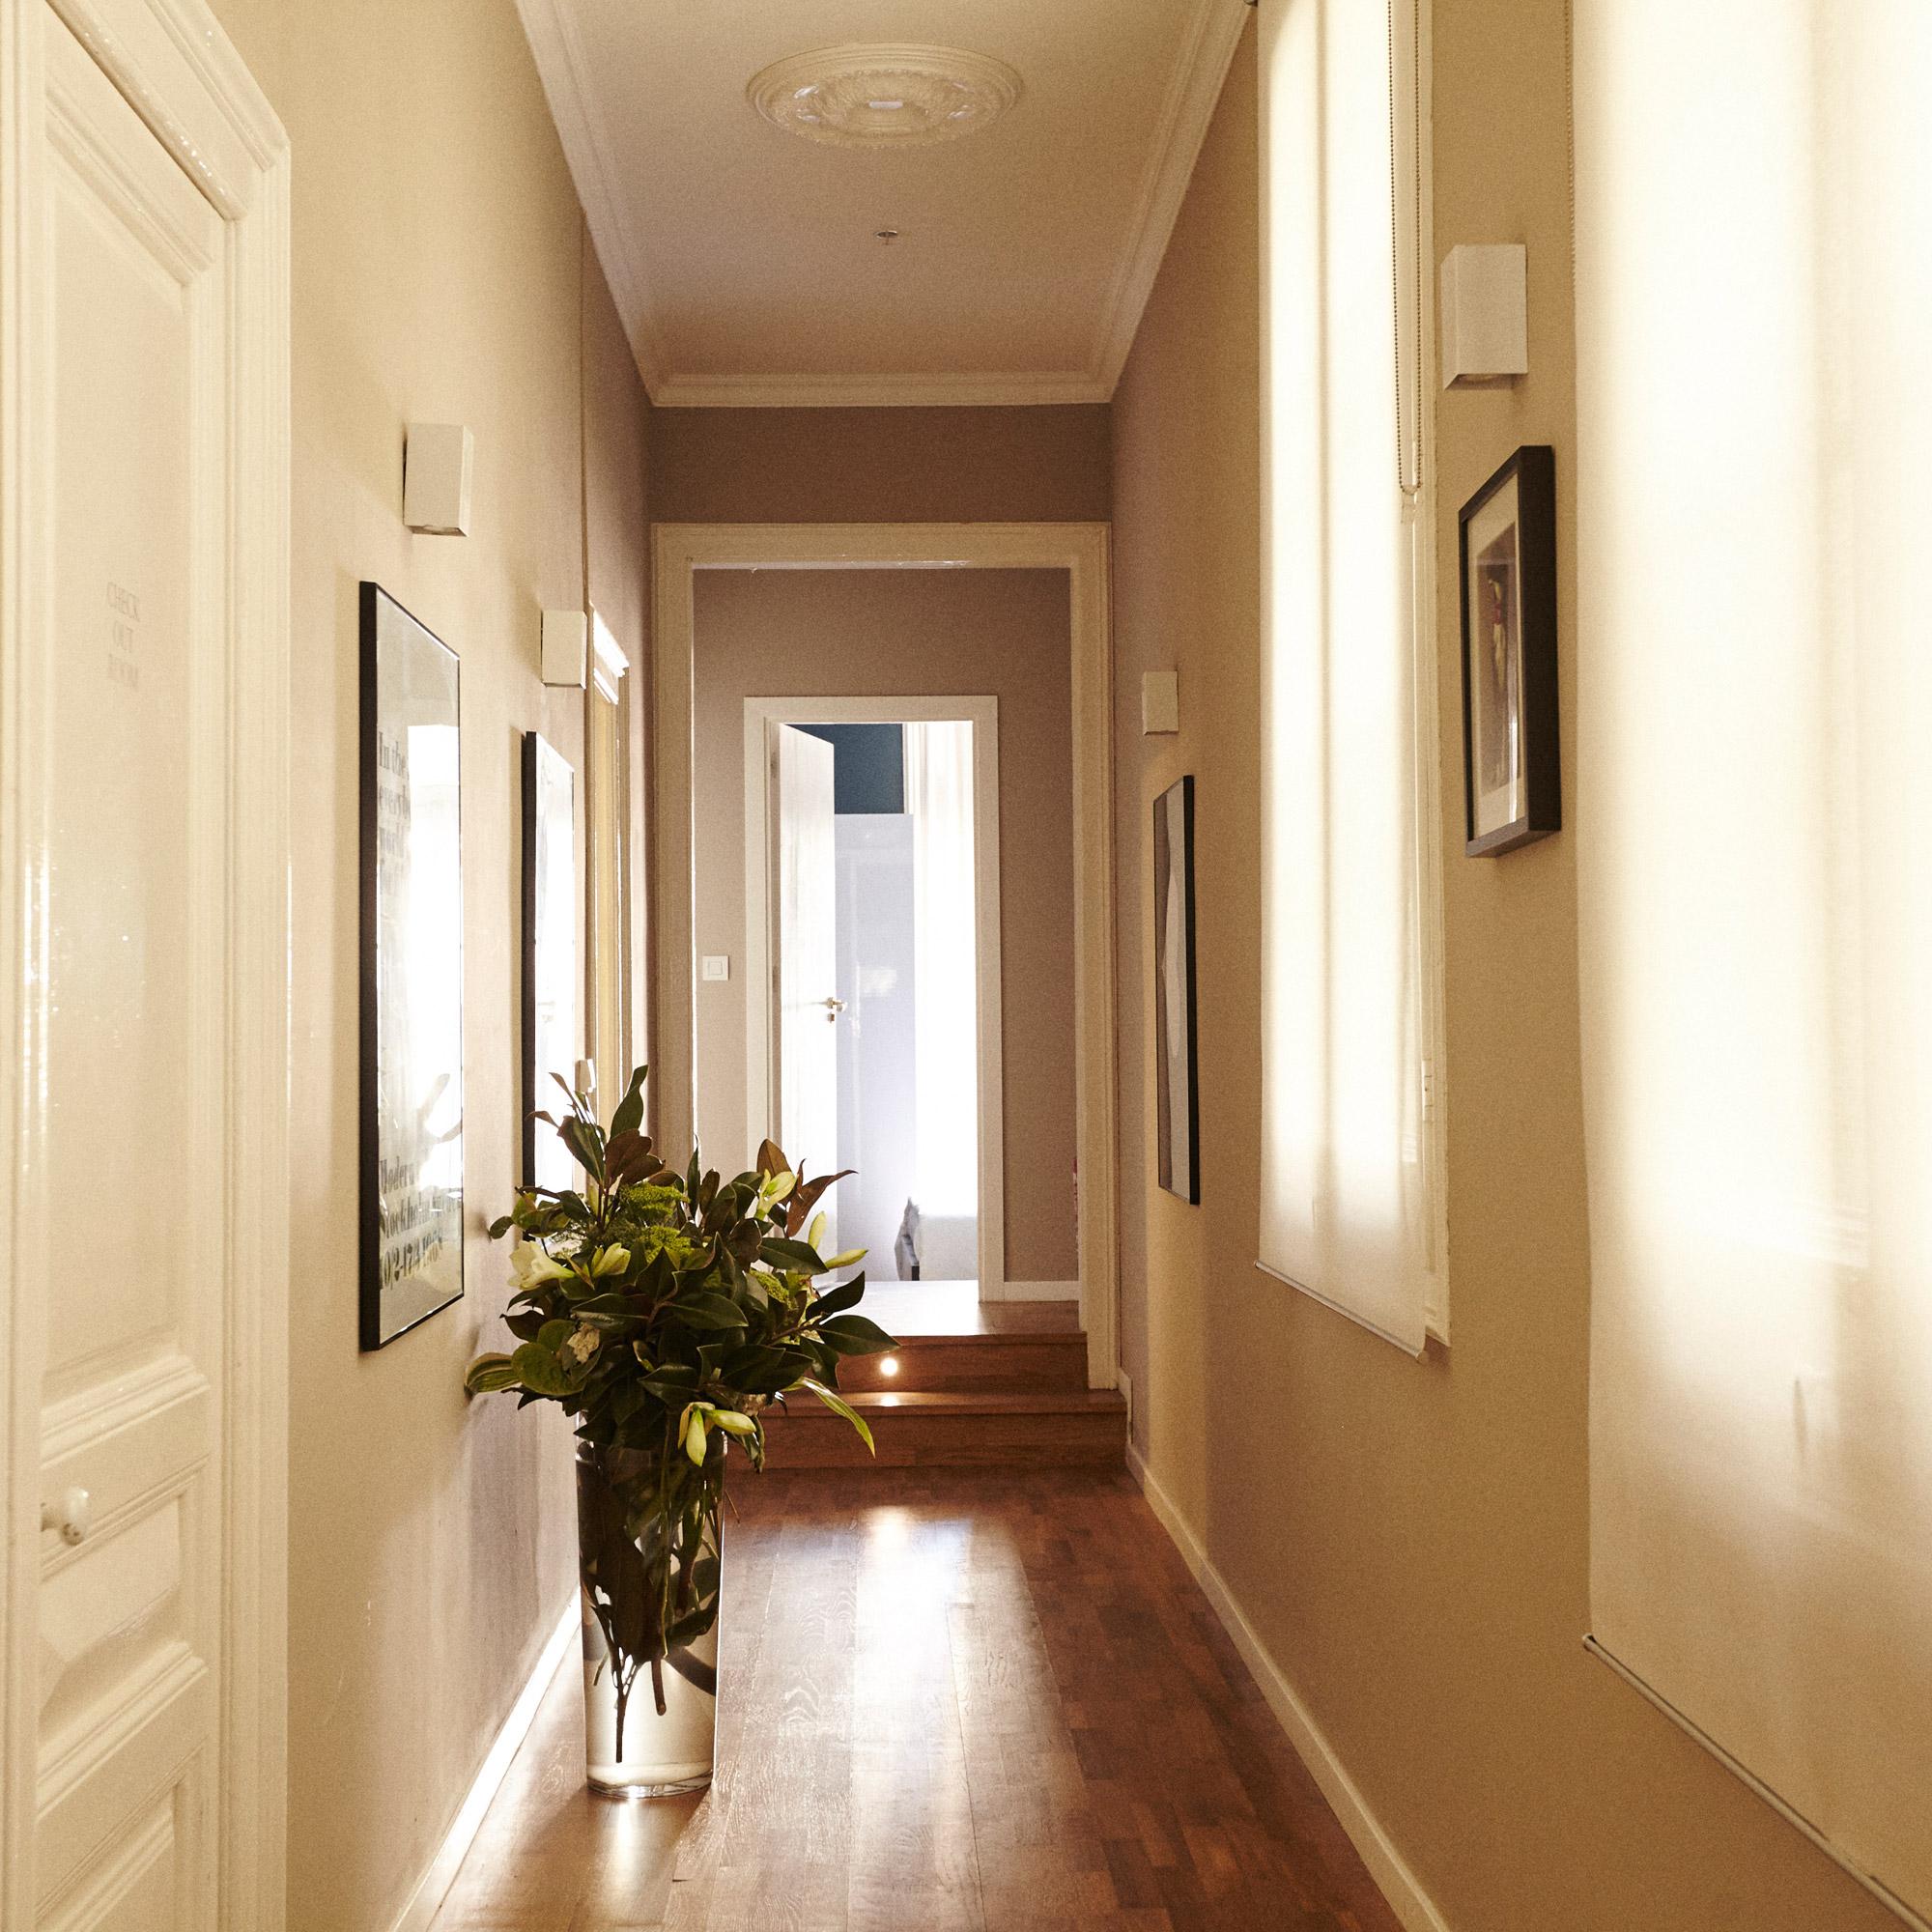 Couloir de style moderne dans des couleurs claires avec parquet au sol décoré de cadres au murs, avec un grand vase fleuri posé à même le sol.